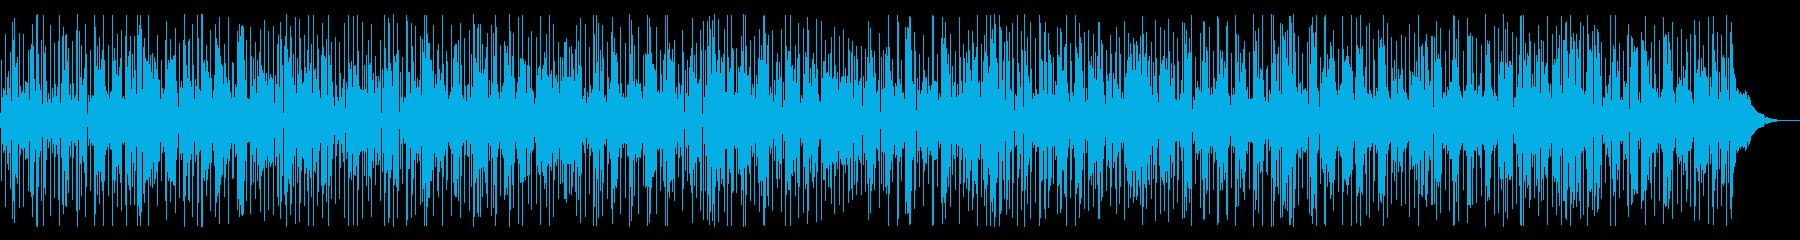 ダンスポップ・60年代・モータウン風の再生済みの波形